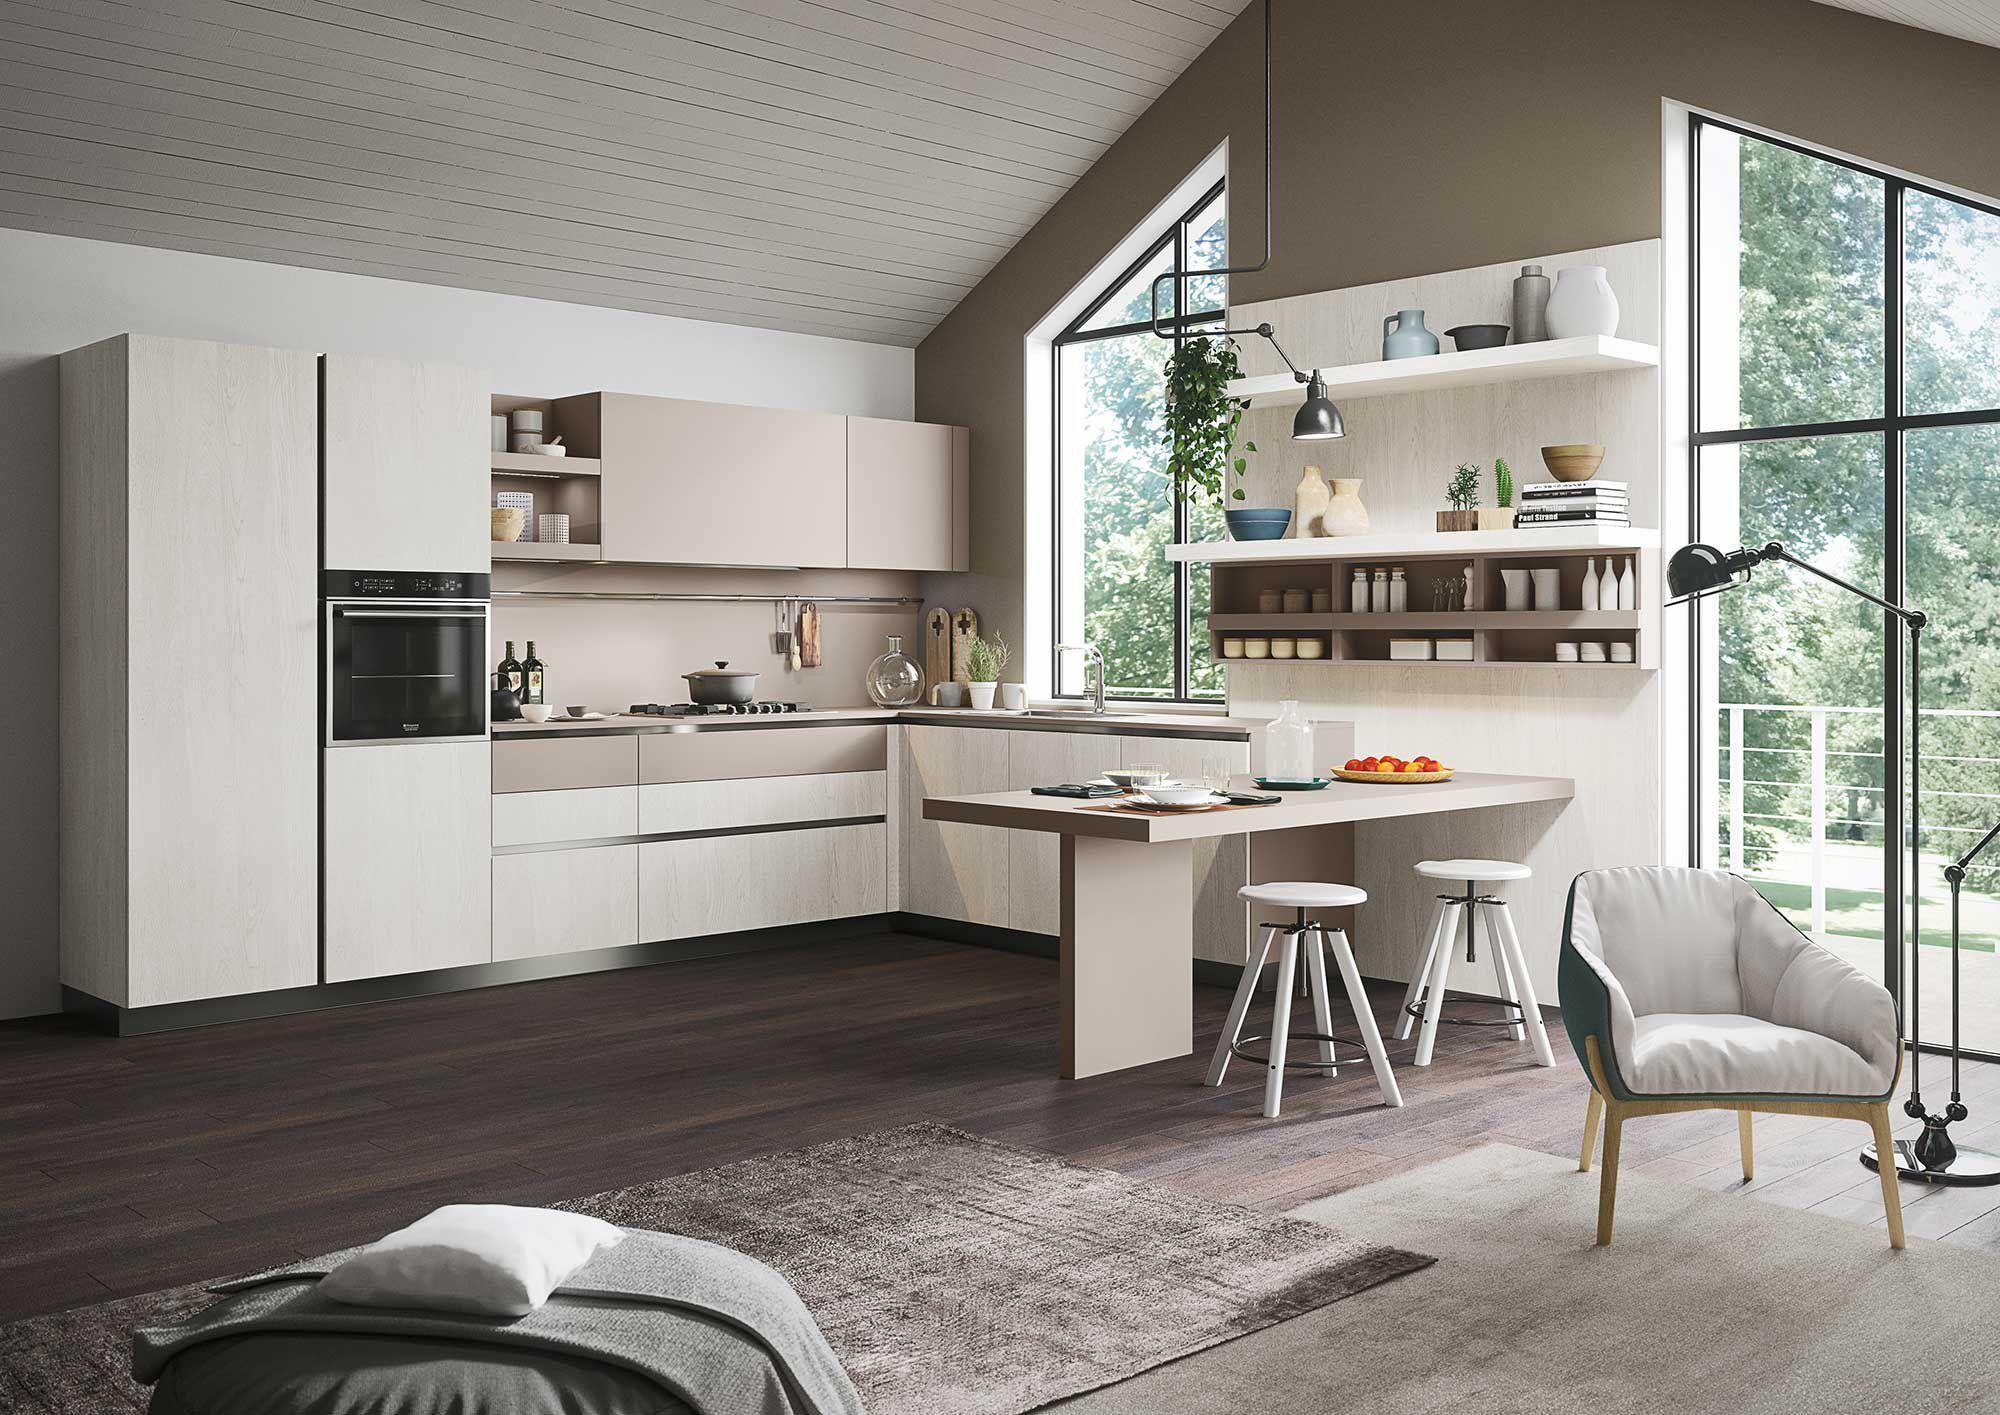 Cucina moderna / in legno / senza maniglie - FIRST ...